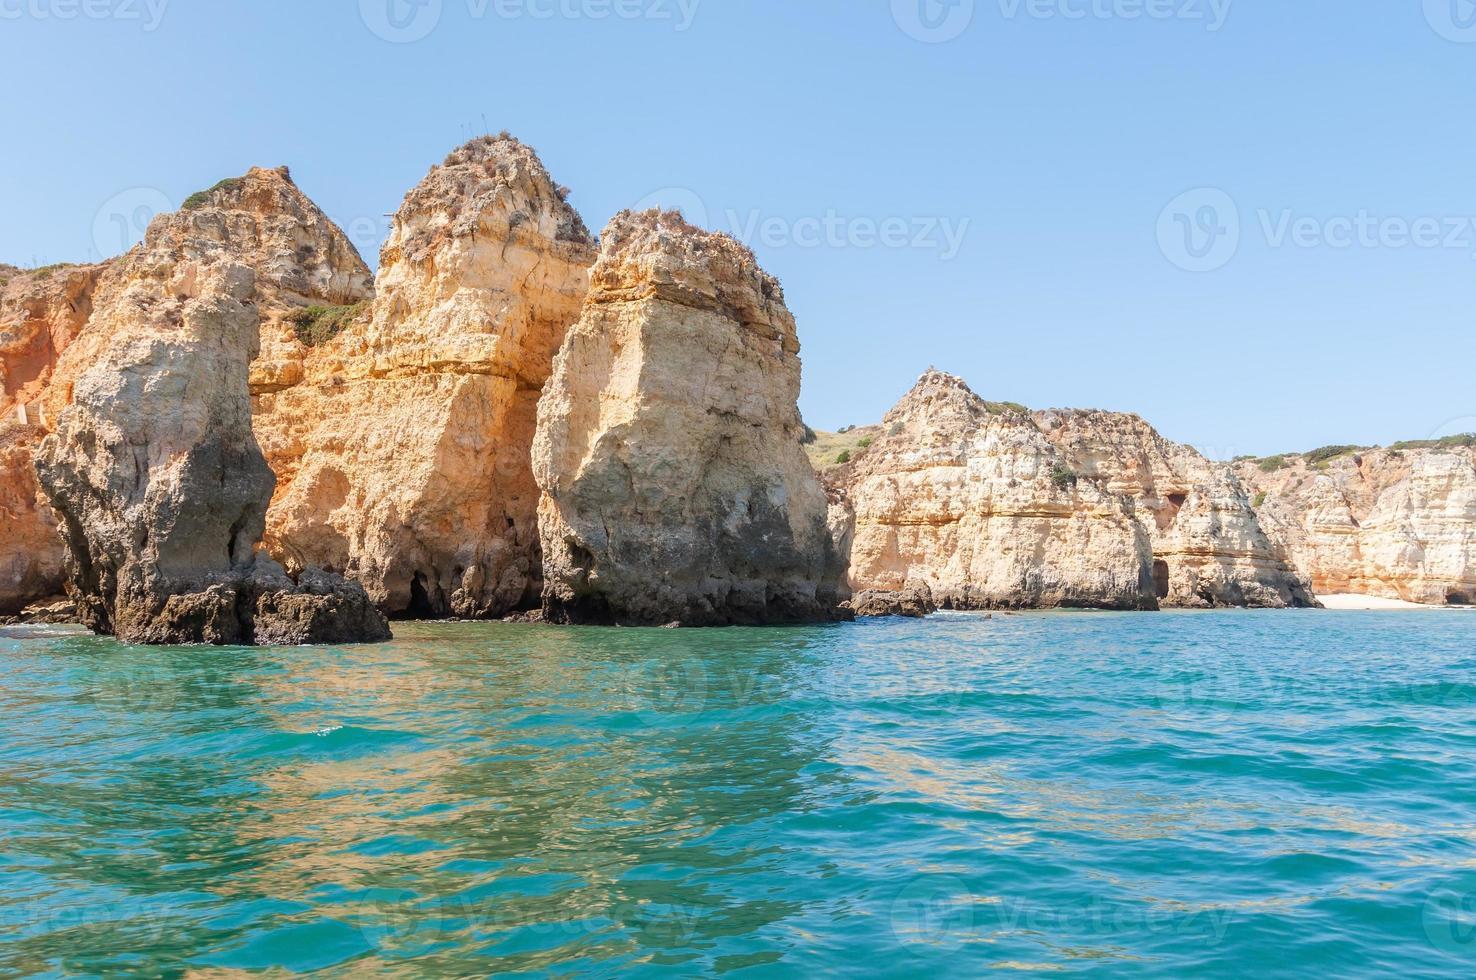 formations rocheuses près de lagos vues de l'eau photo